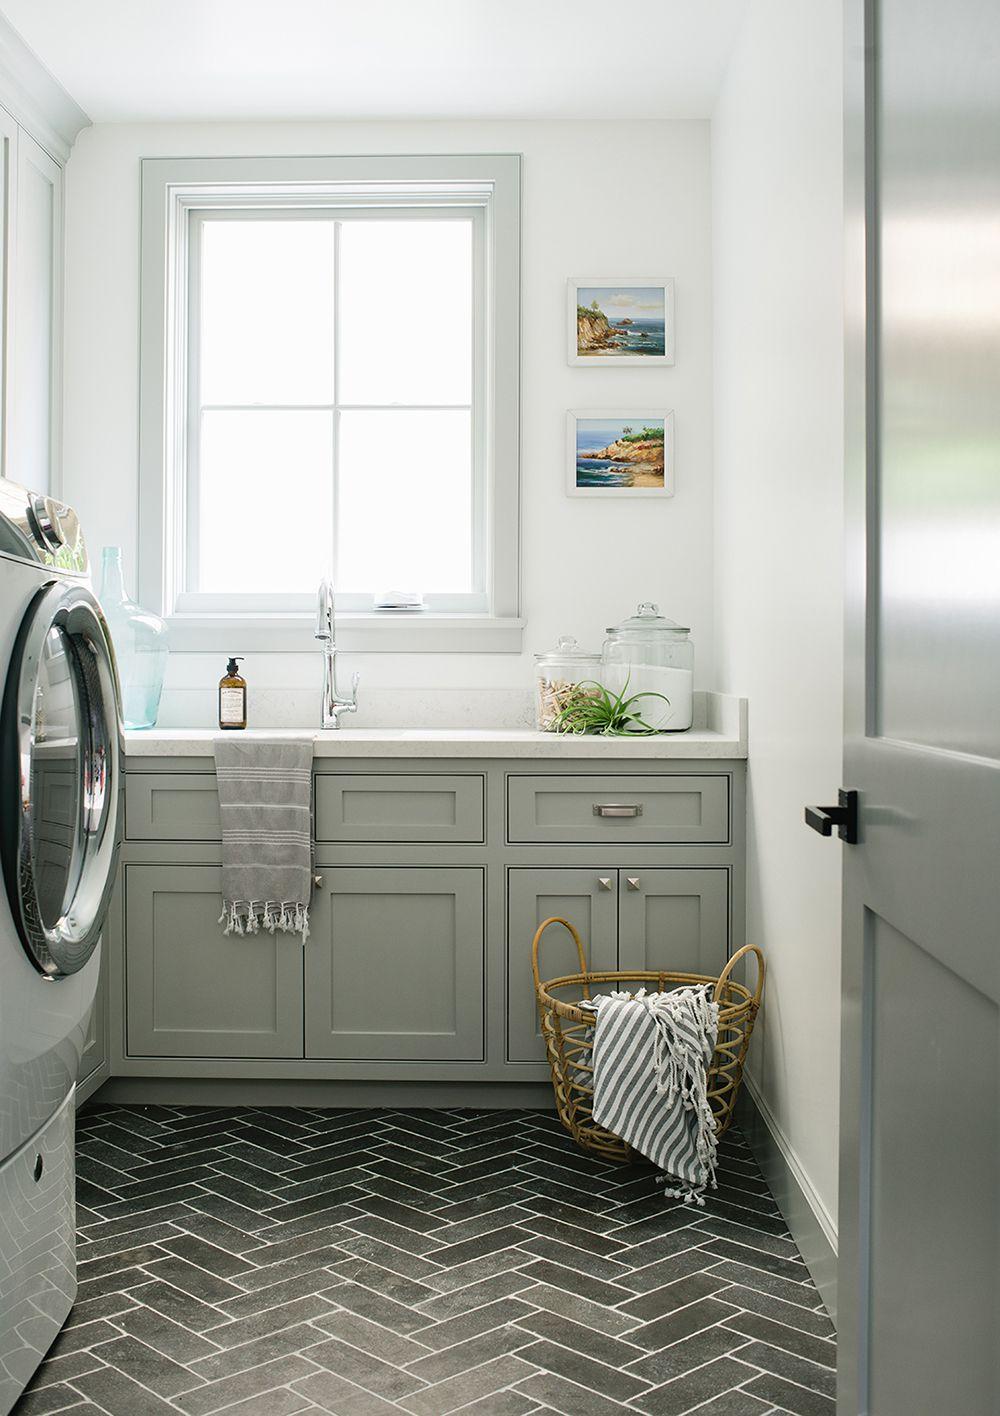 14 laundry room ideas to make laundry